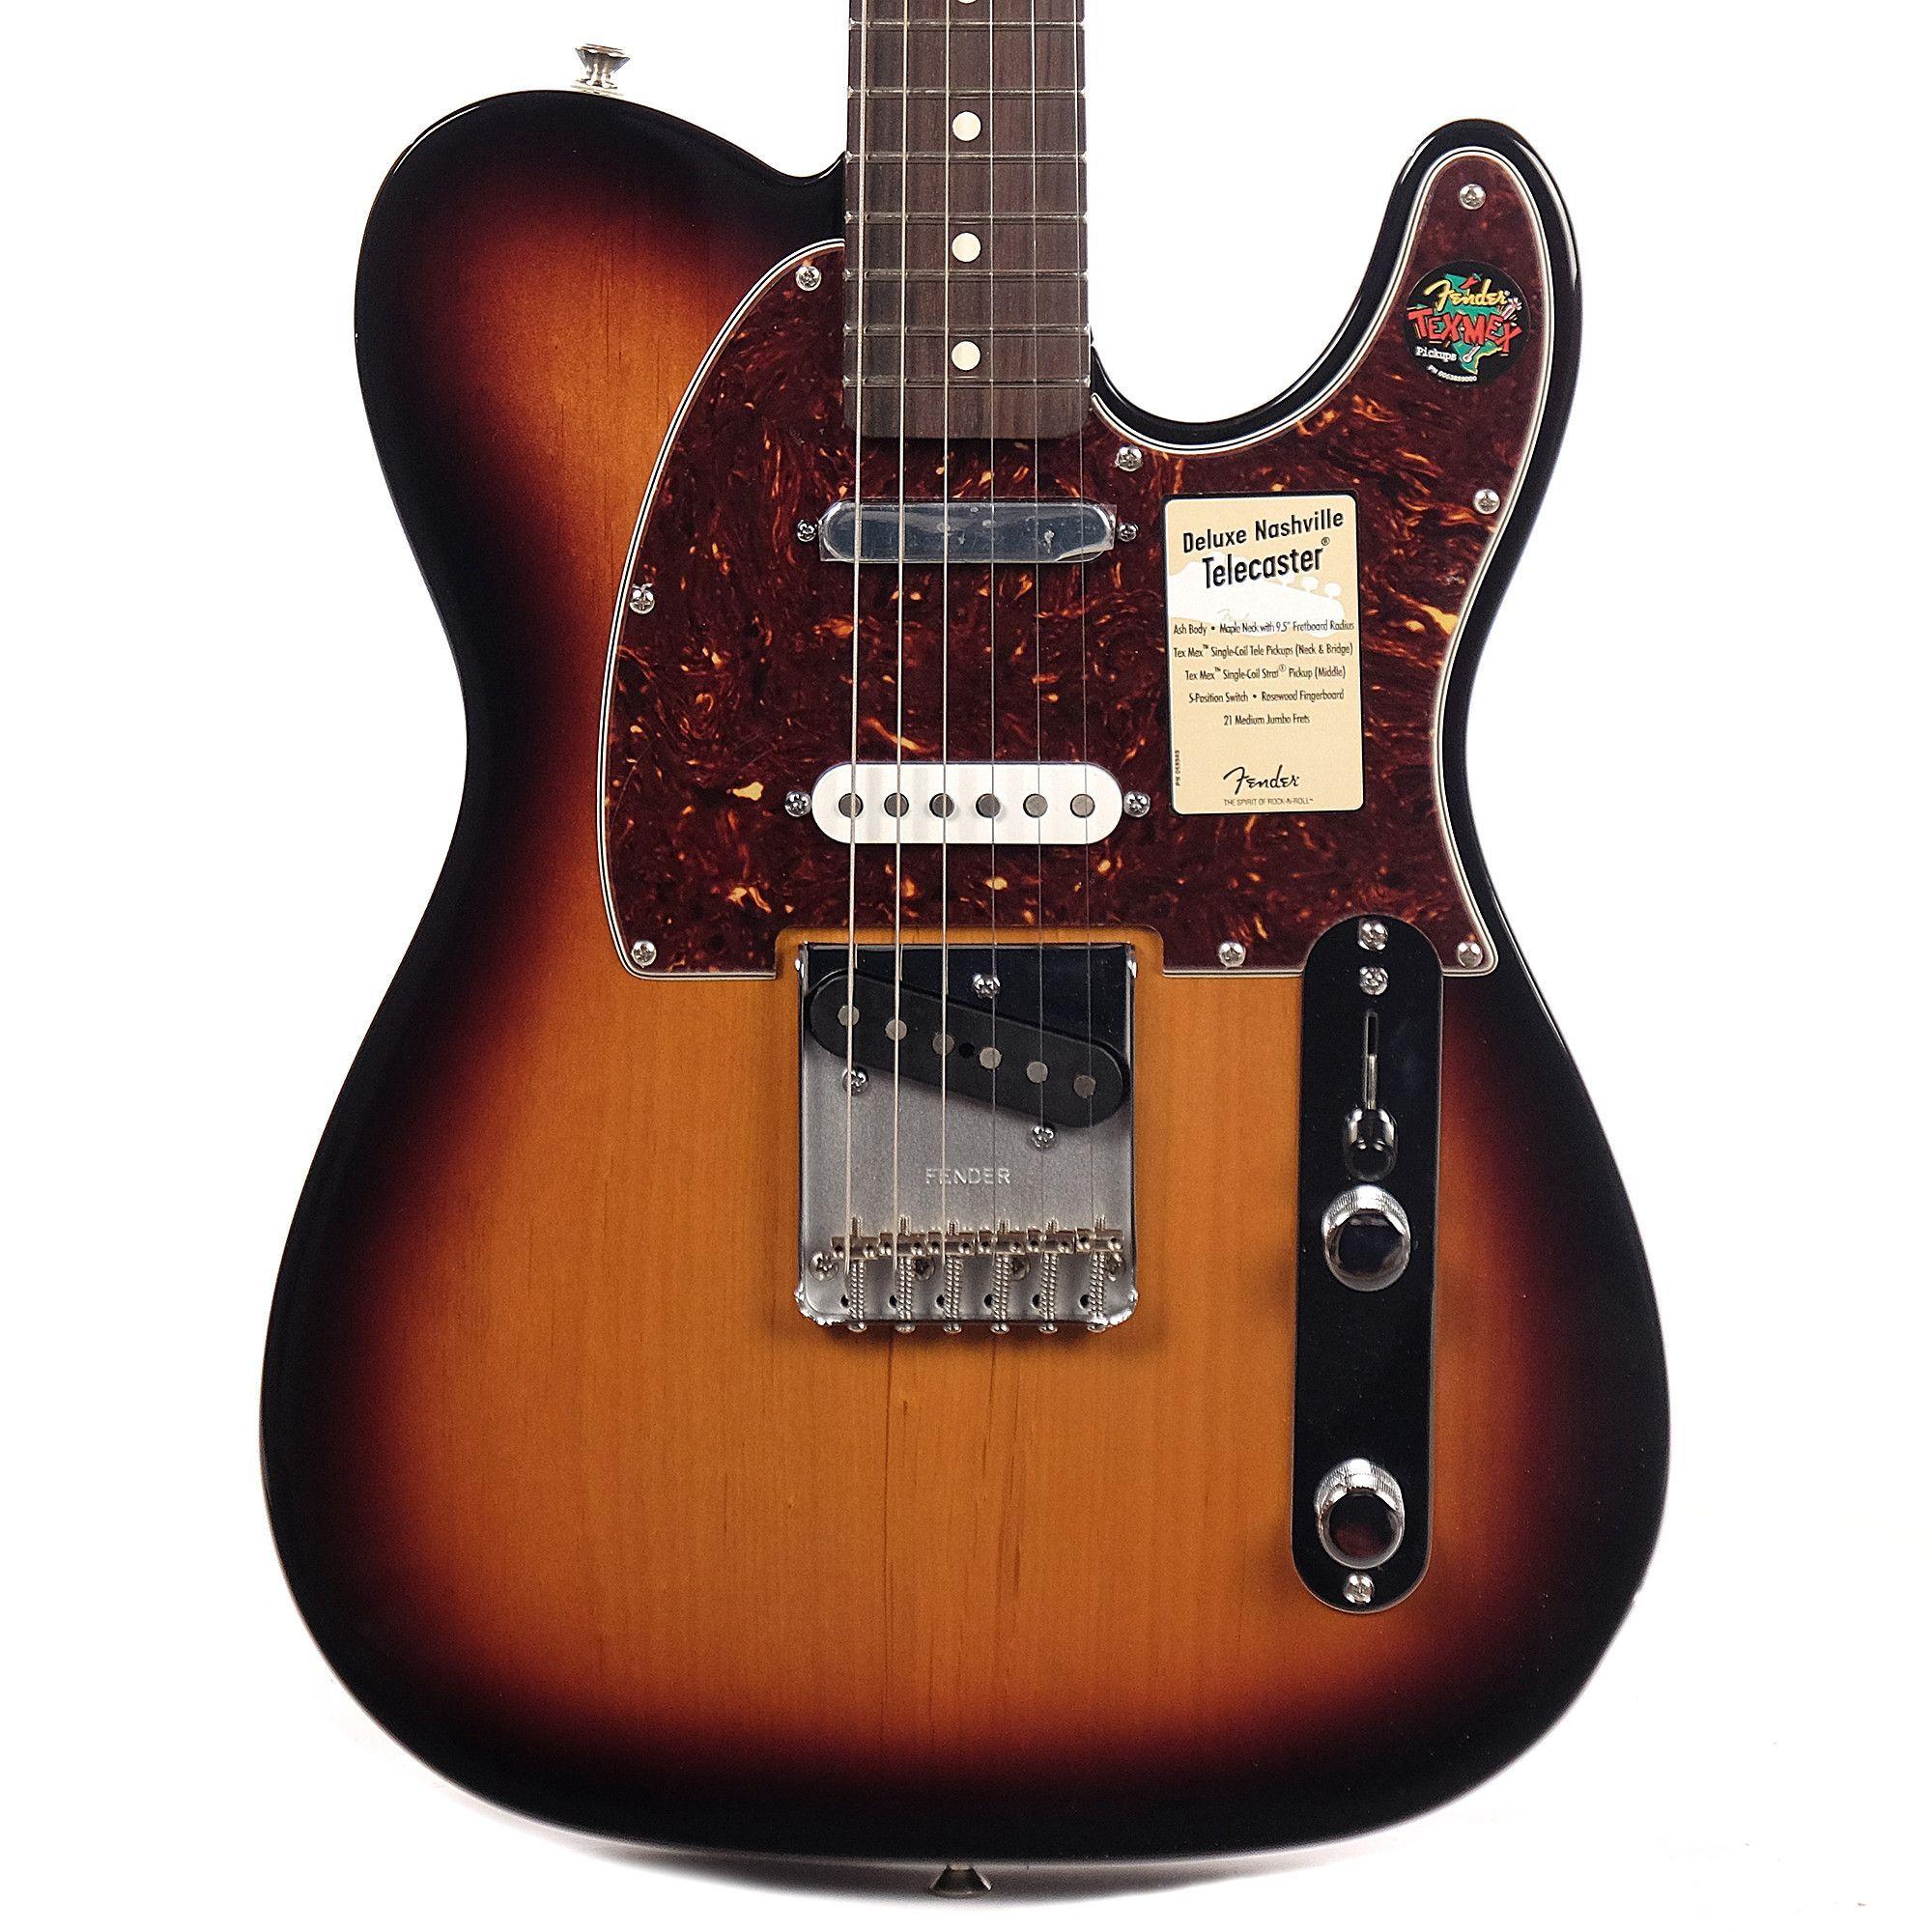 Fender Deluxe Nashville Telecaster Brown Sunburst B Stock